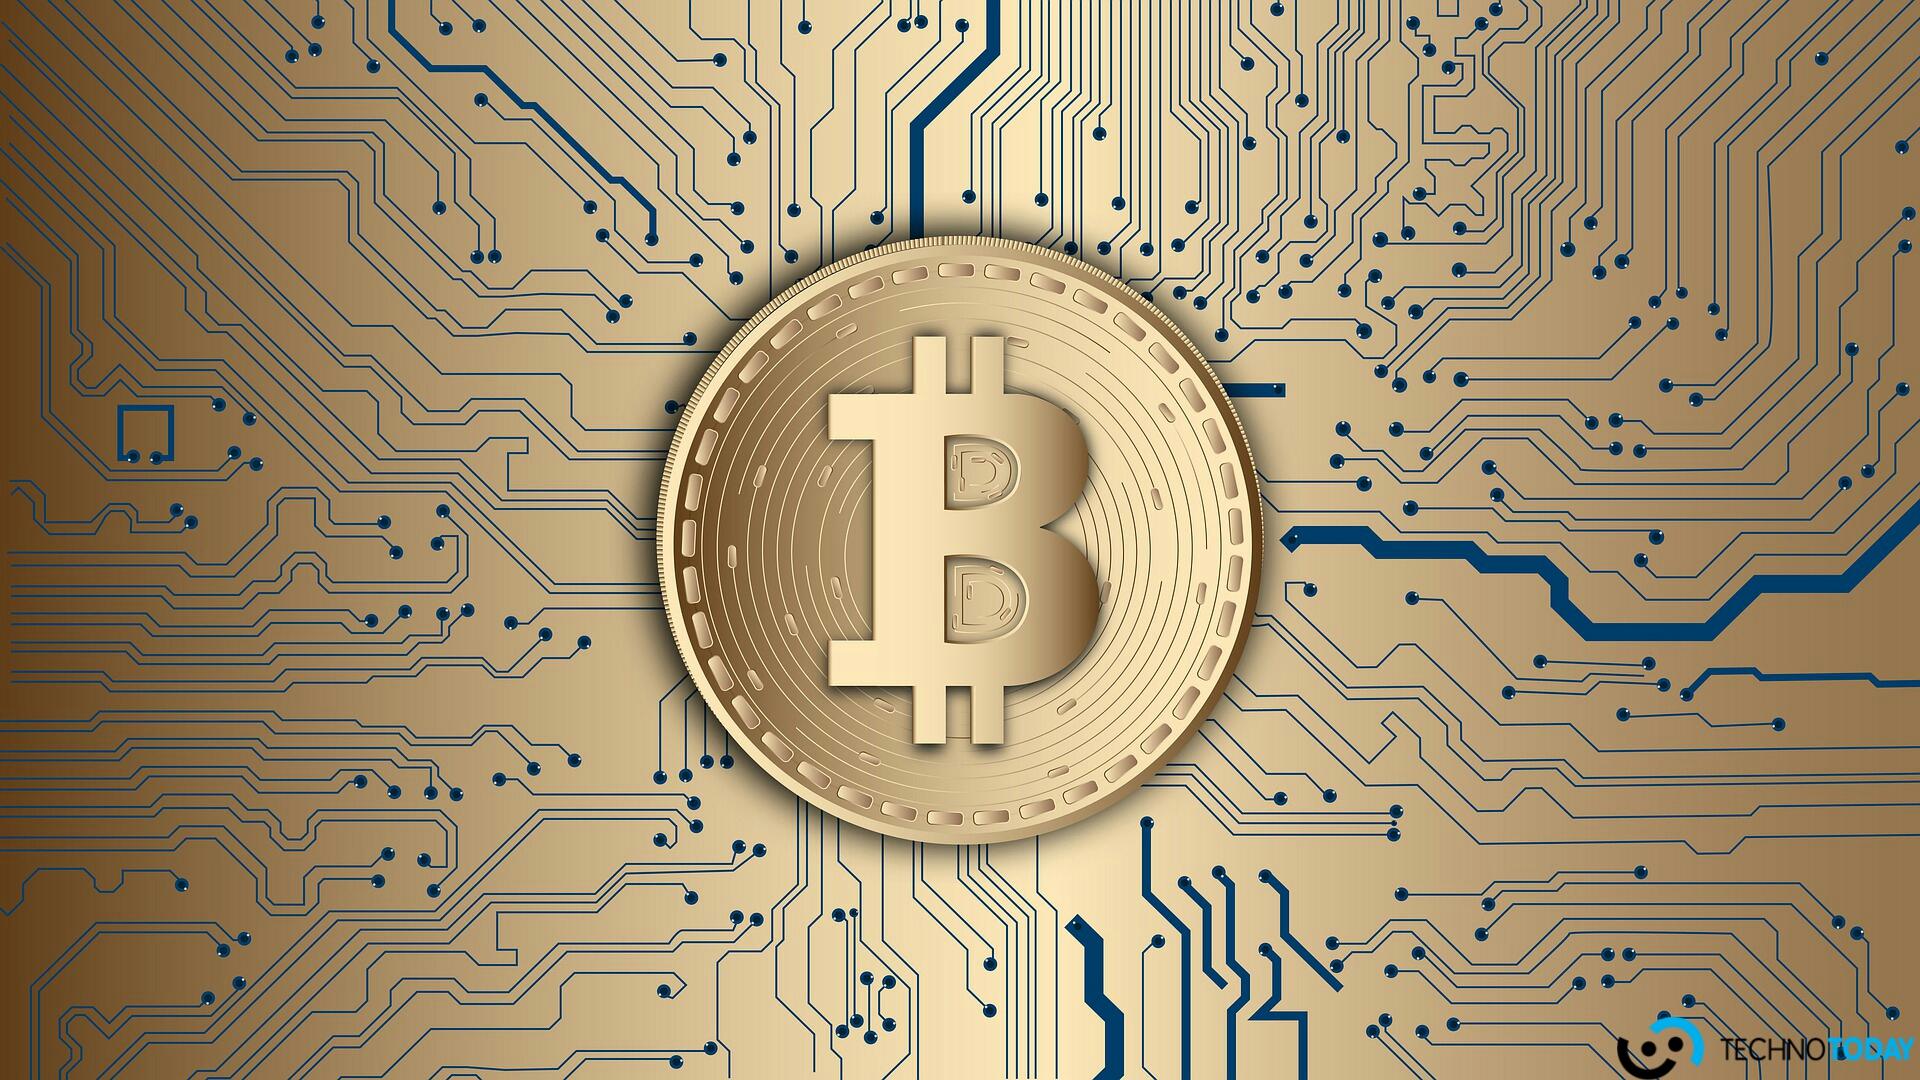 kripto para fiyatlarında